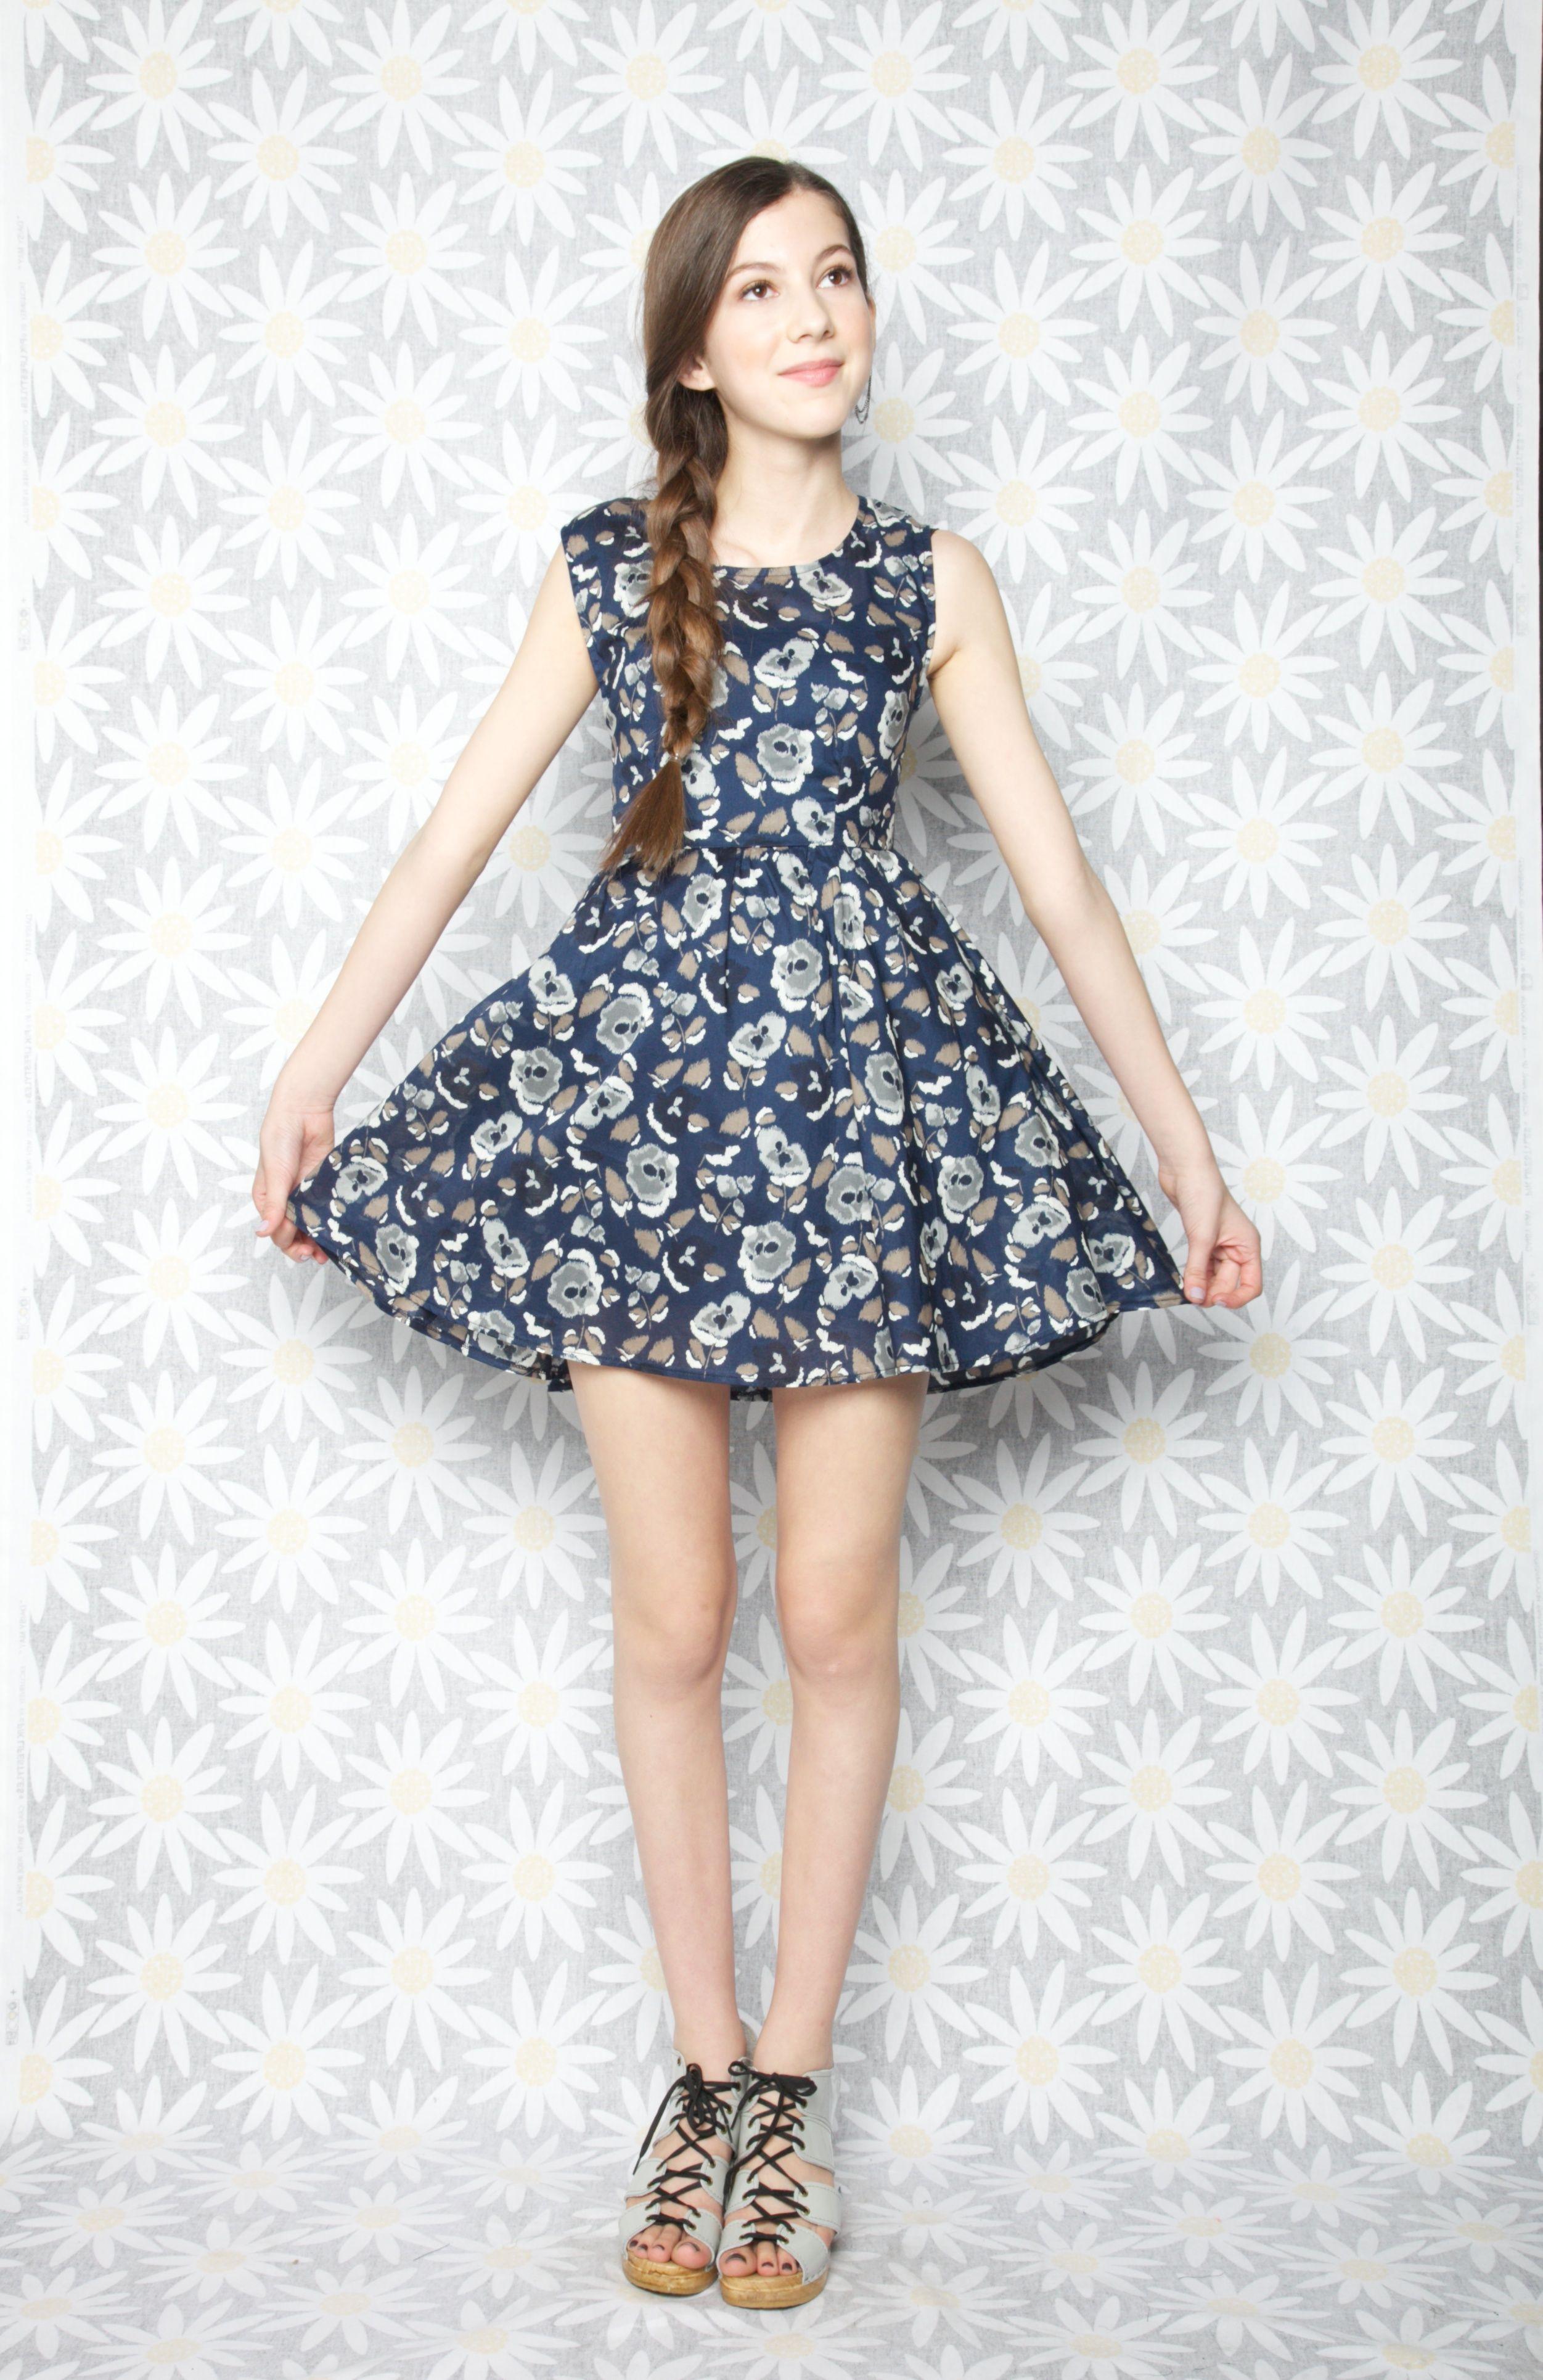 Modell-Websites für Teenager-Mädchen — foto 10